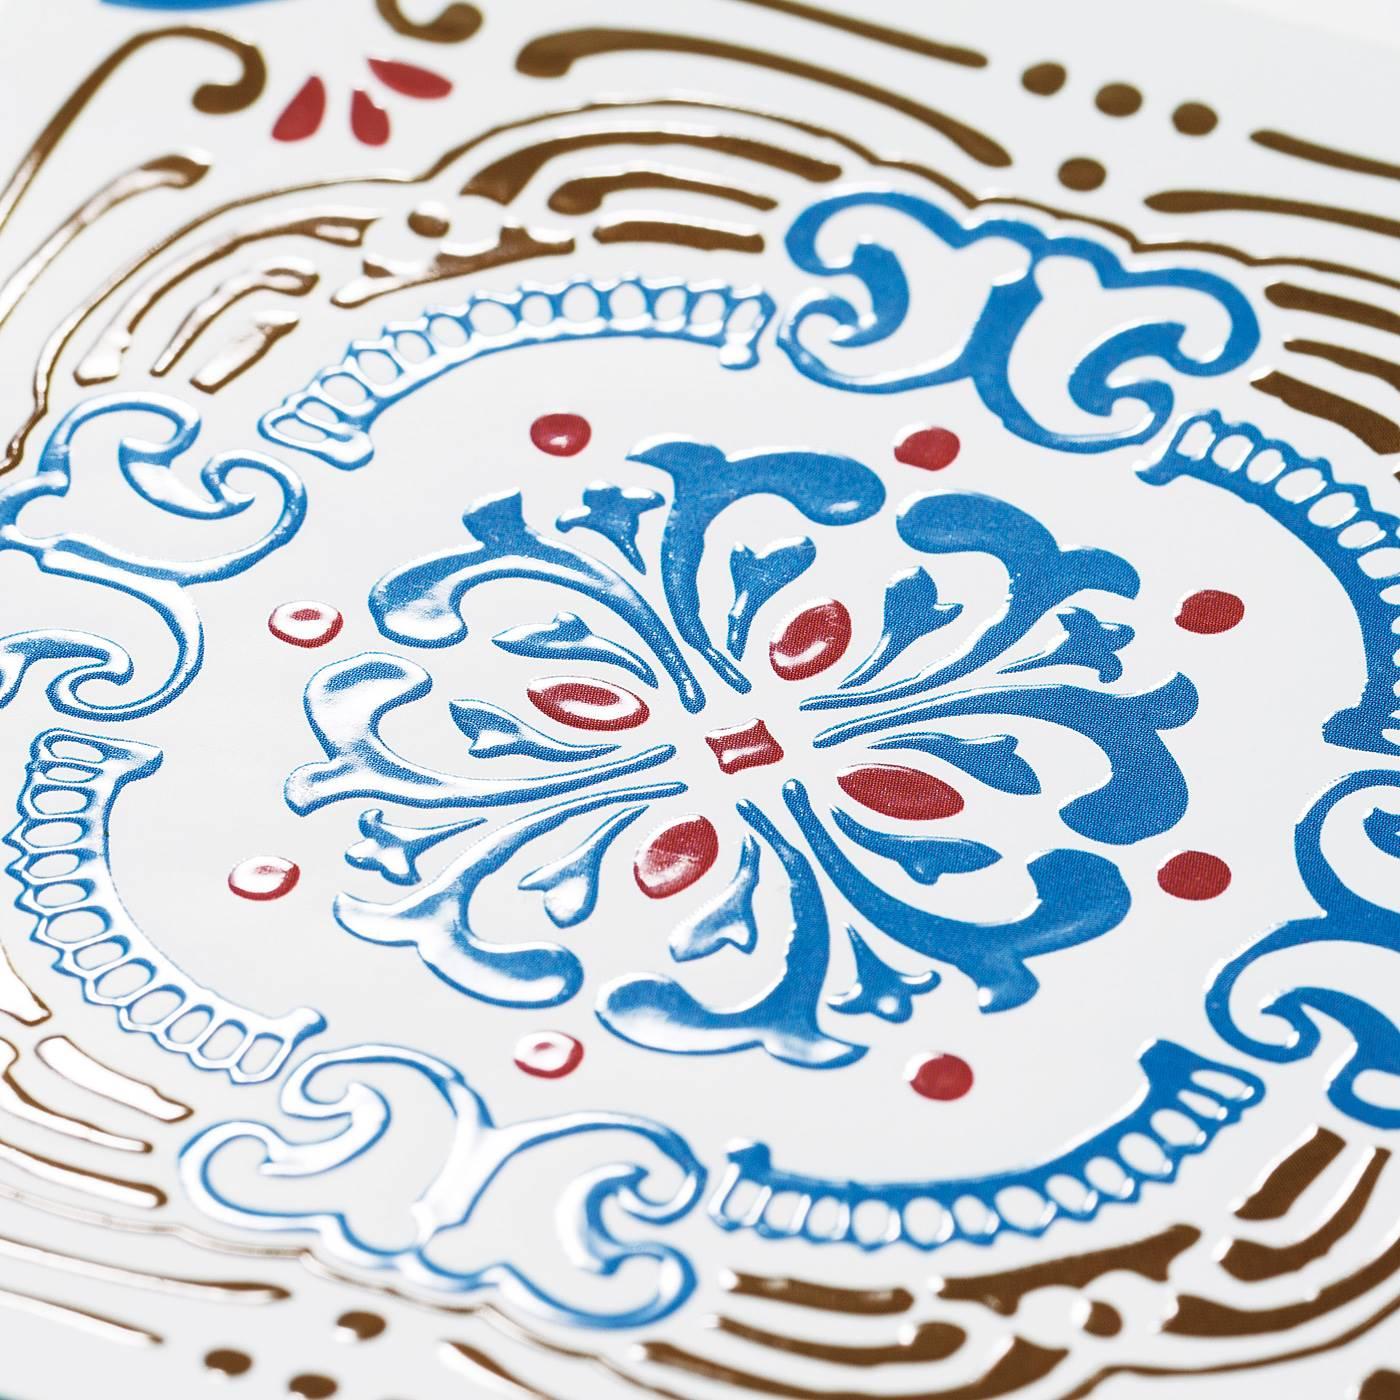 スペイン・ポルトガルのタイルをイメージしたデザイン。表面はぷっくり樹脂でタイルらしい質感に。